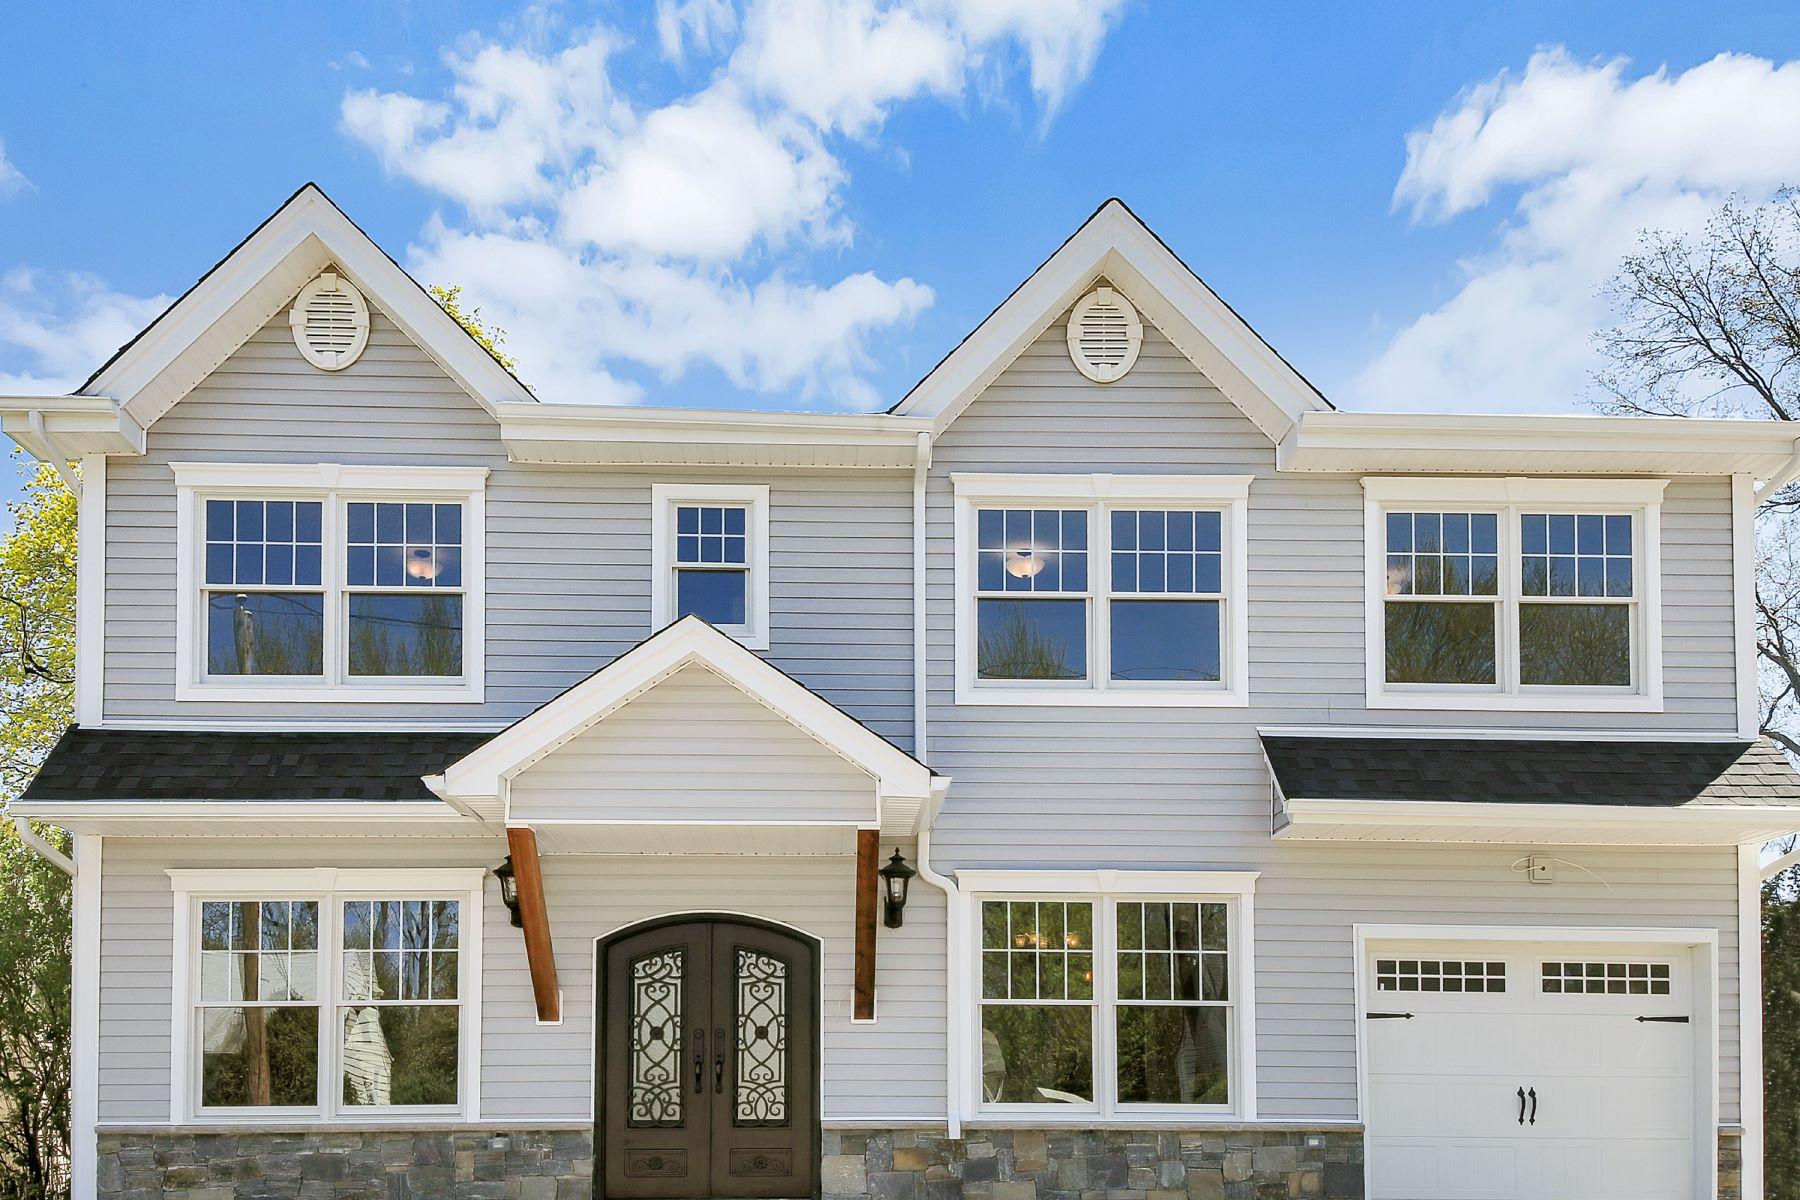 Casa Unifamiliar por un Venta en New Construction 55 Westview Dr. Bergenfield, Nueva Jersey 07621 Estados Unidos